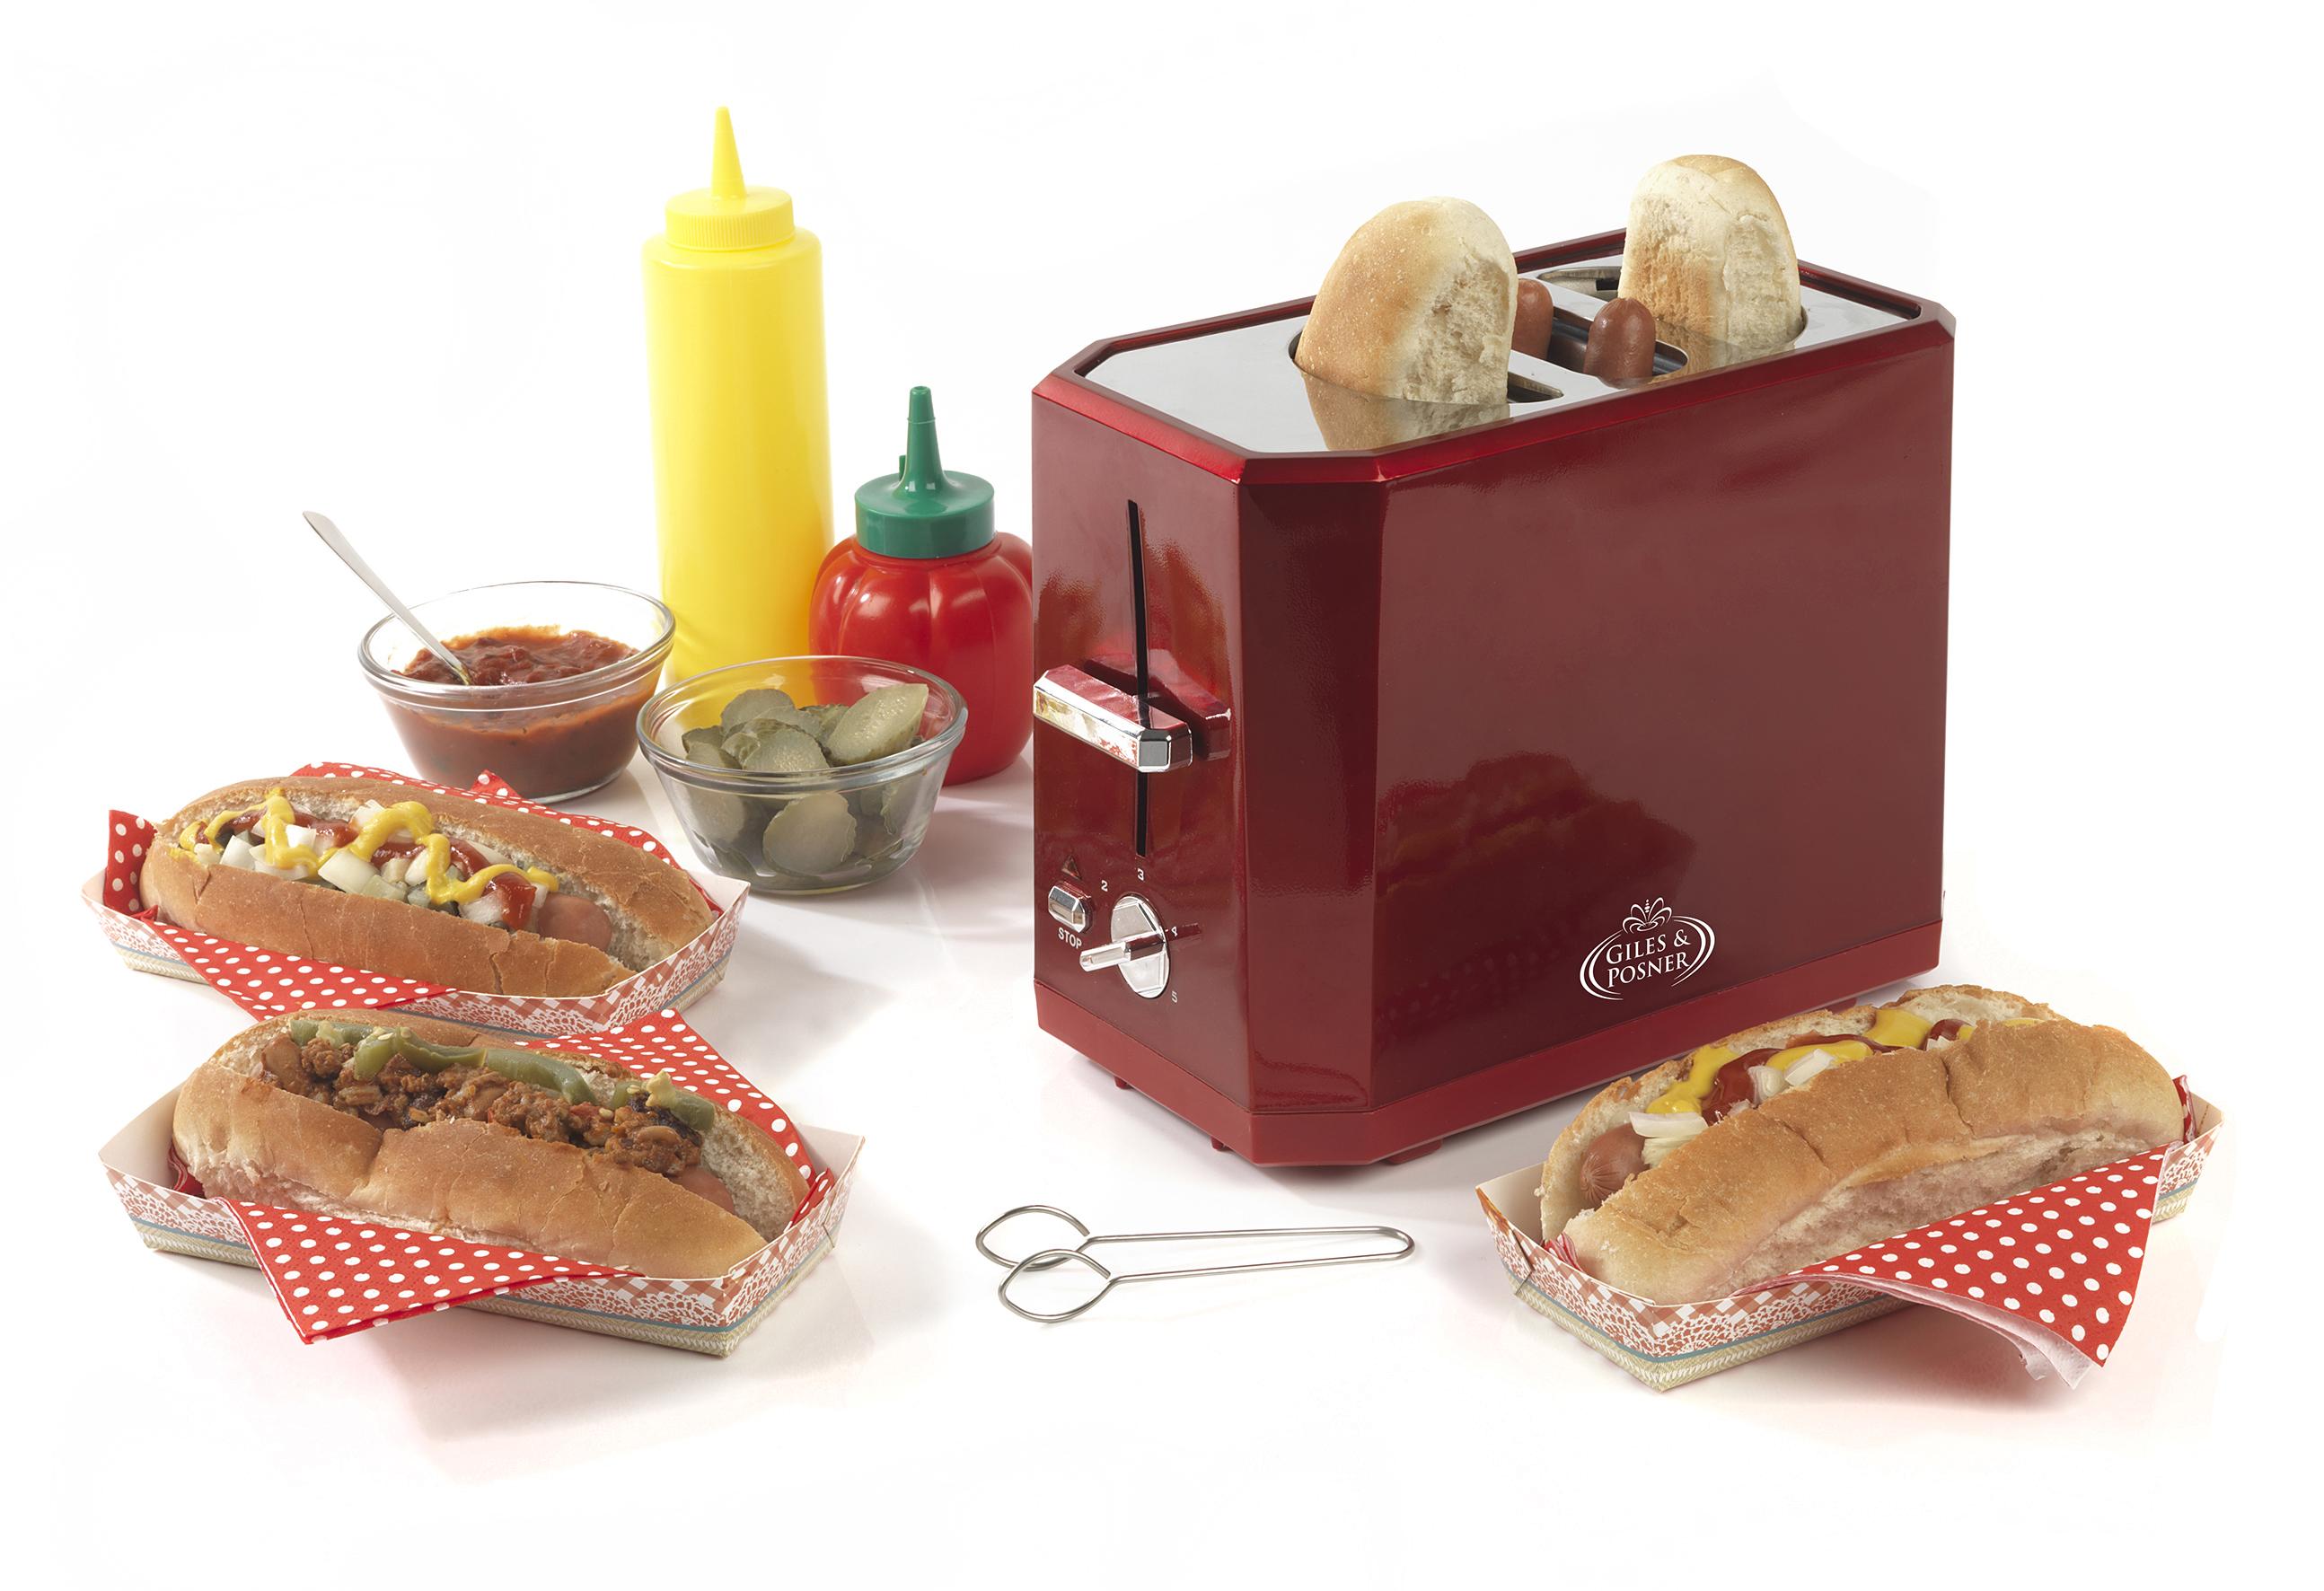 giles posner hot dog maker party products giles posner. Black Bedroom Furniture Sets. Home Design Ideas